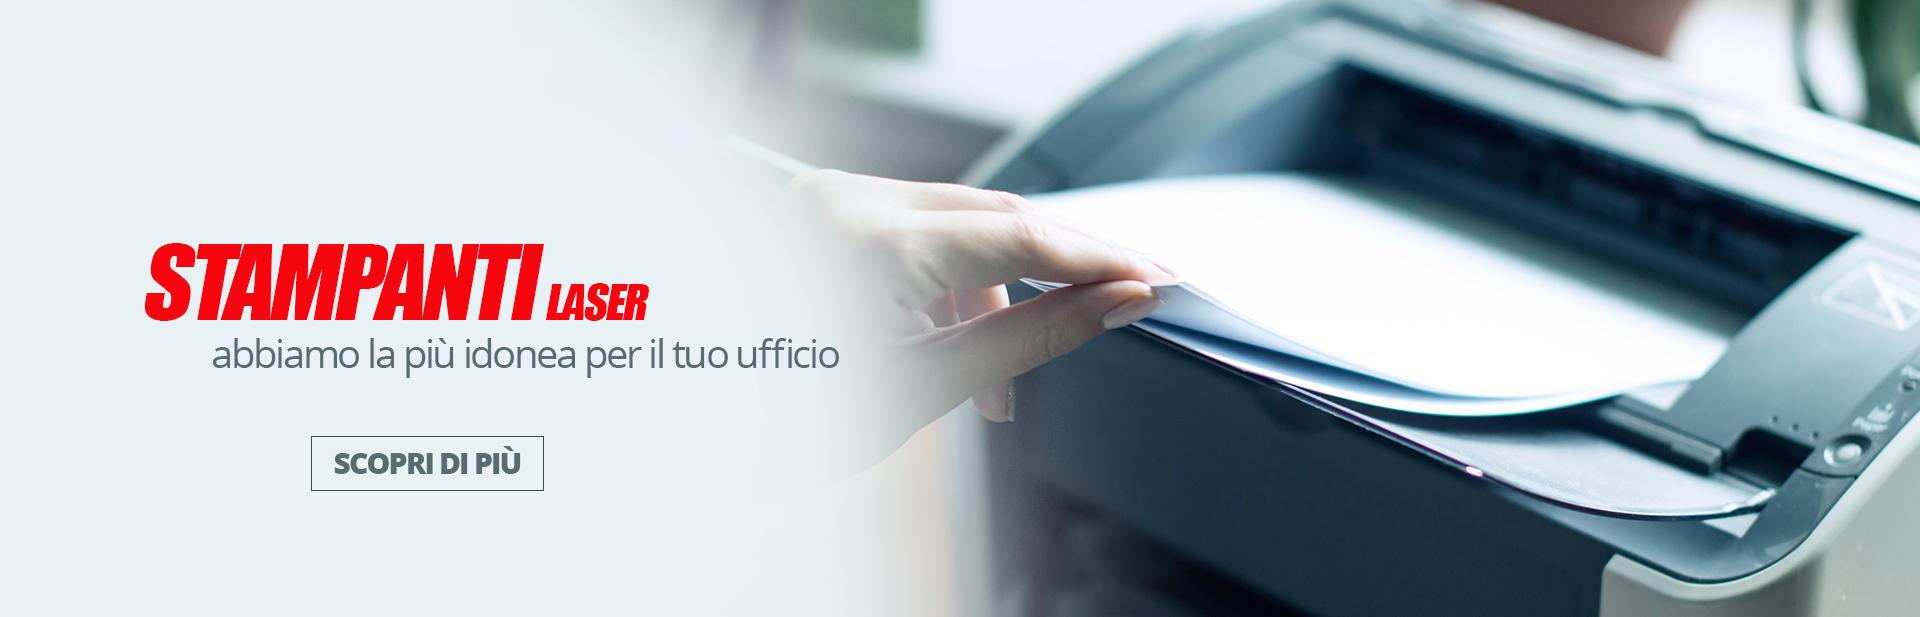 stampanti-laser-per-aziende-da-Prink-SLIDE